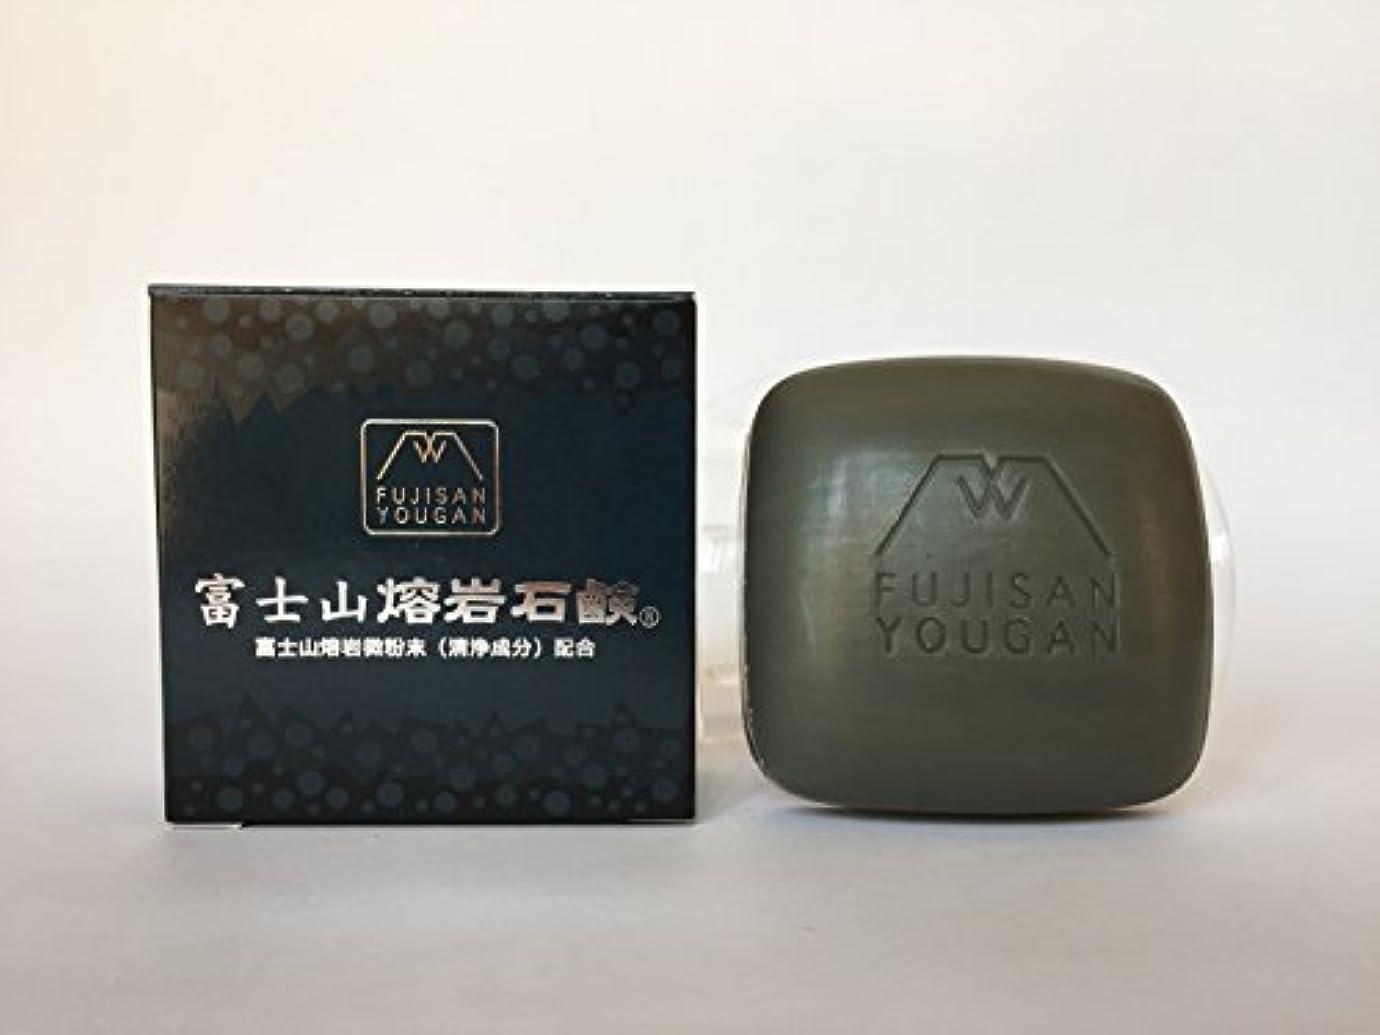 ランプ絶縁するキャリア富士山溶岩石鹸 100g/個×2個セット